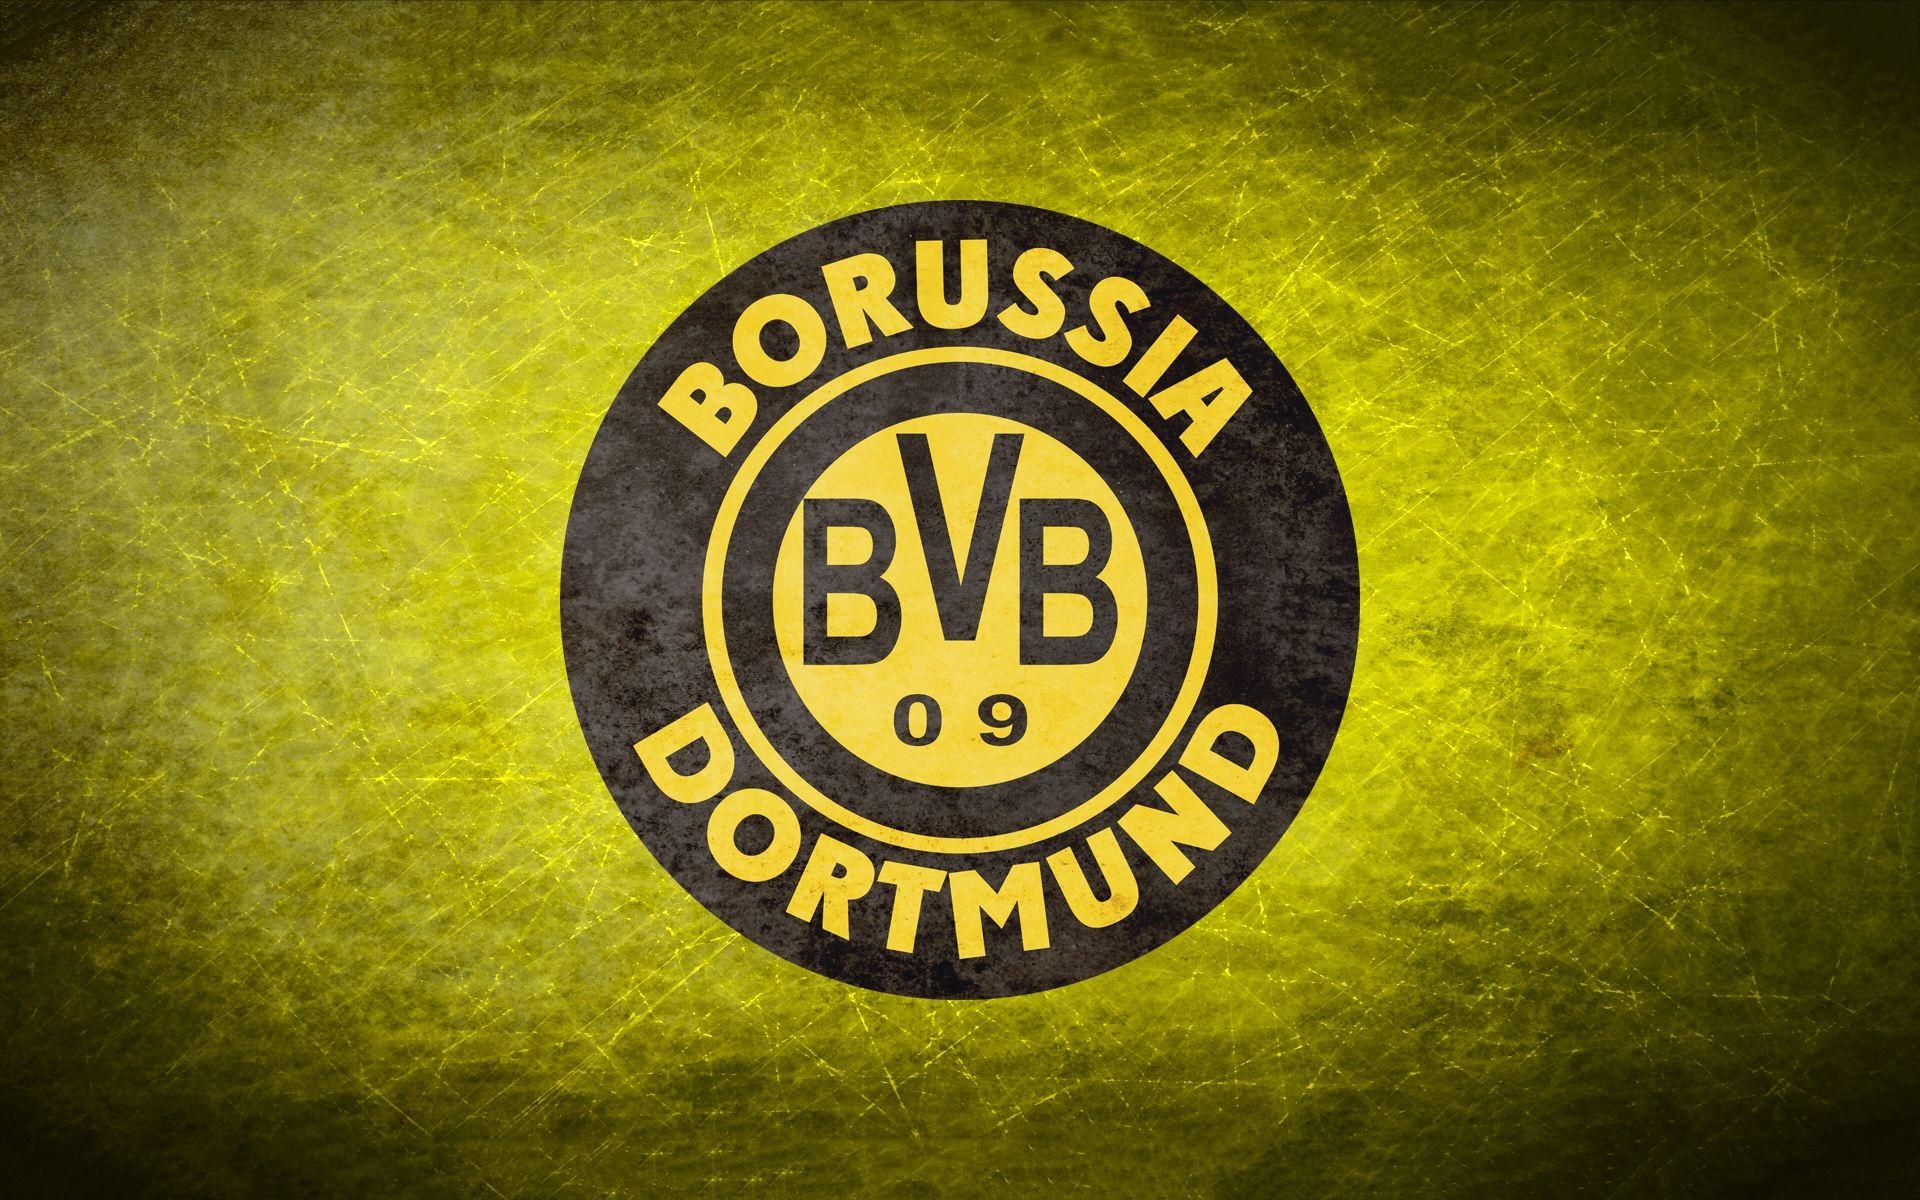 Borussia Dortmund Bvb Logo Dortmund Borussia Dortmund Germany Football